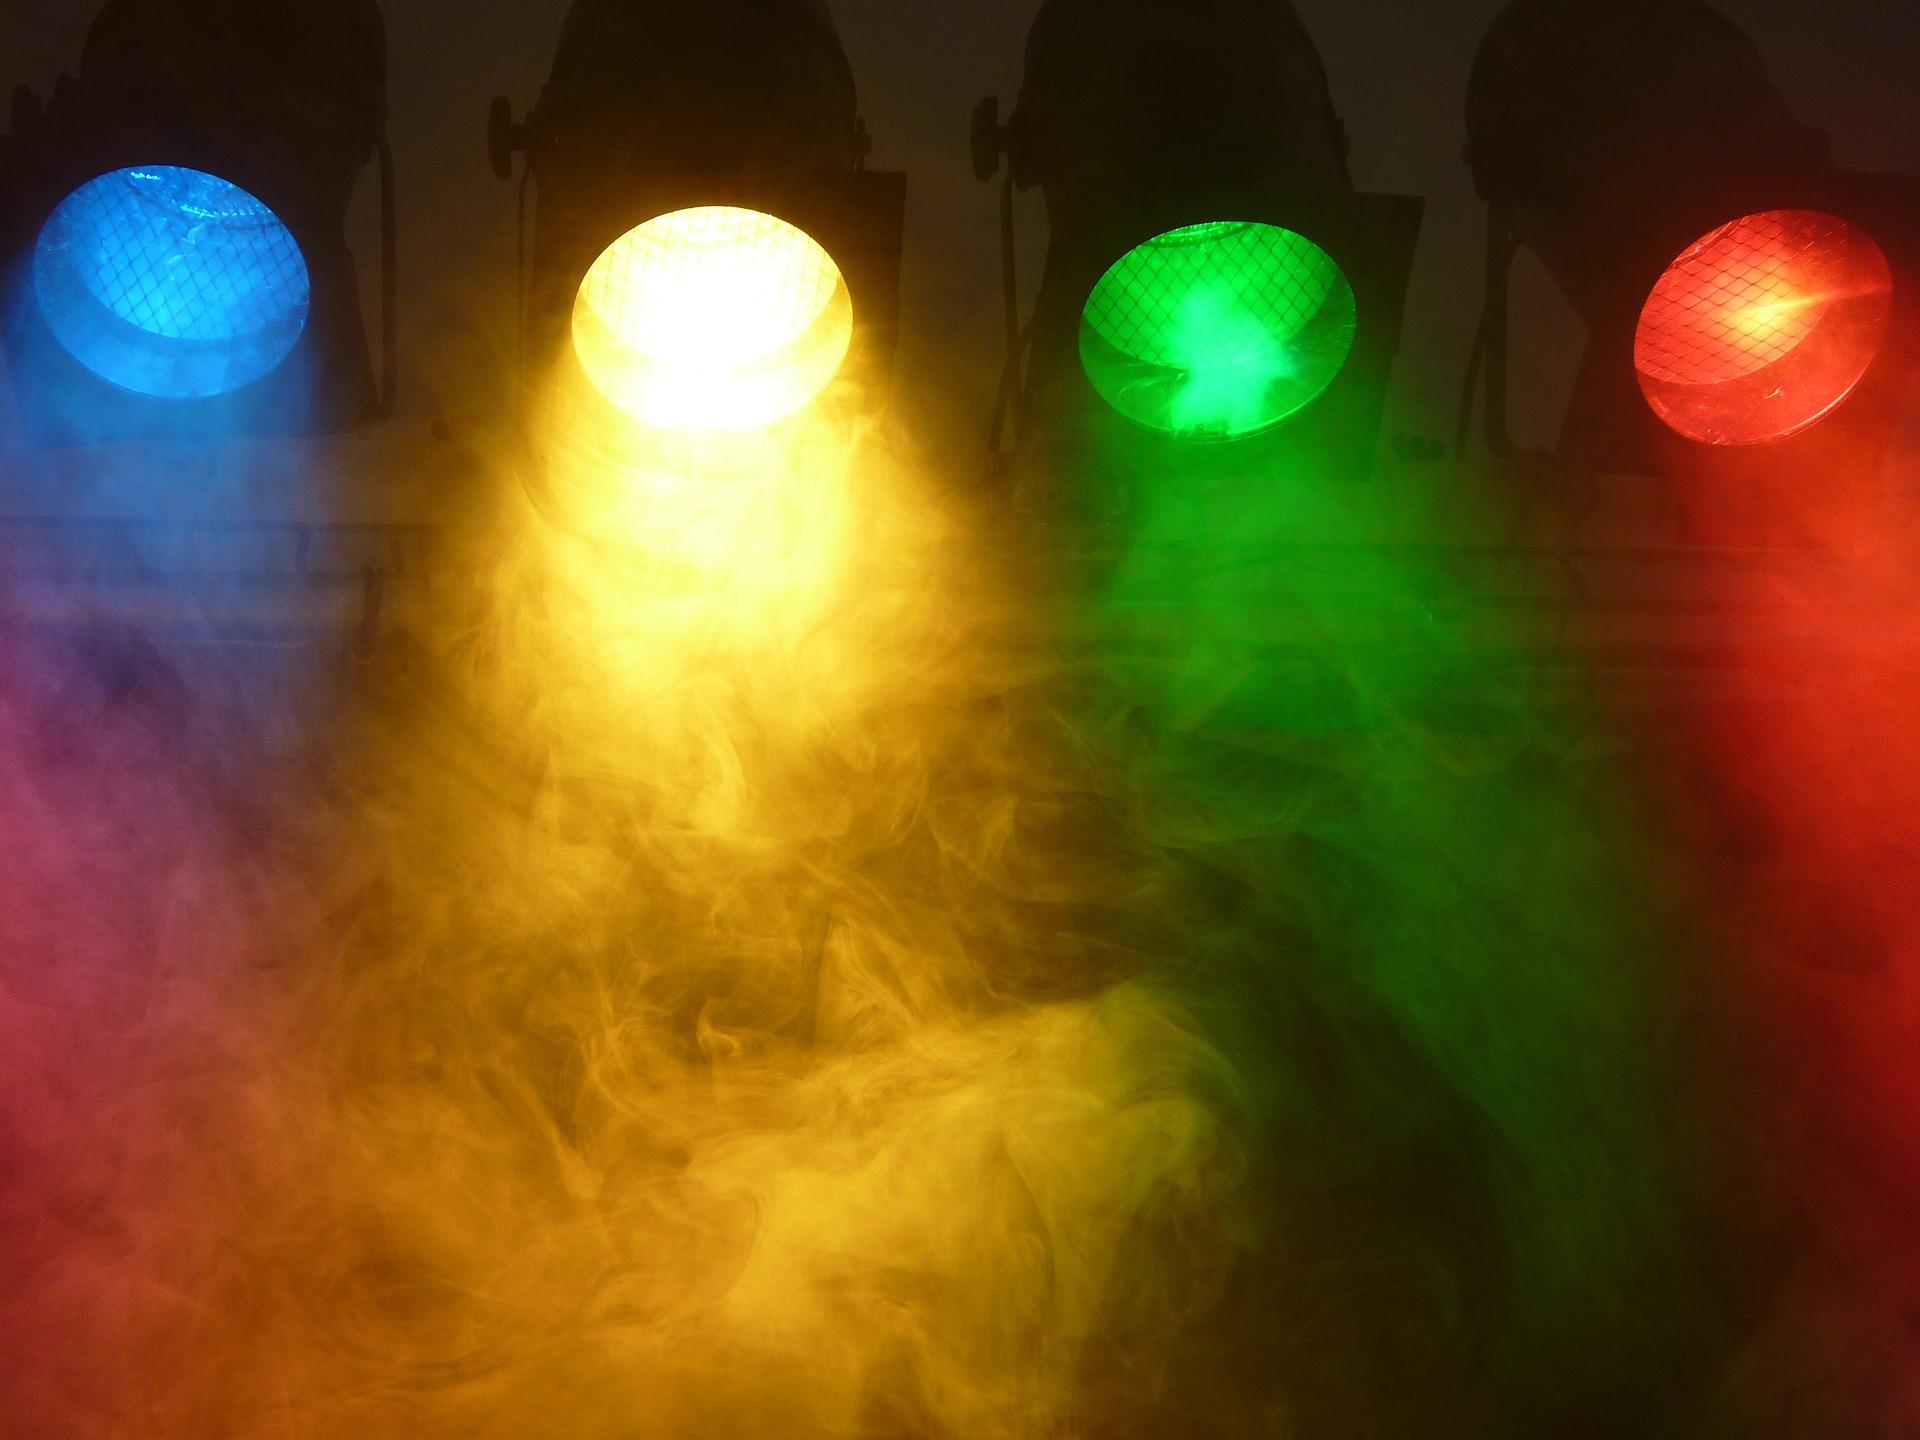 Led Lampen Folie : Für bunte farbeffekte mit licht farbfilterfolie lampen kontor